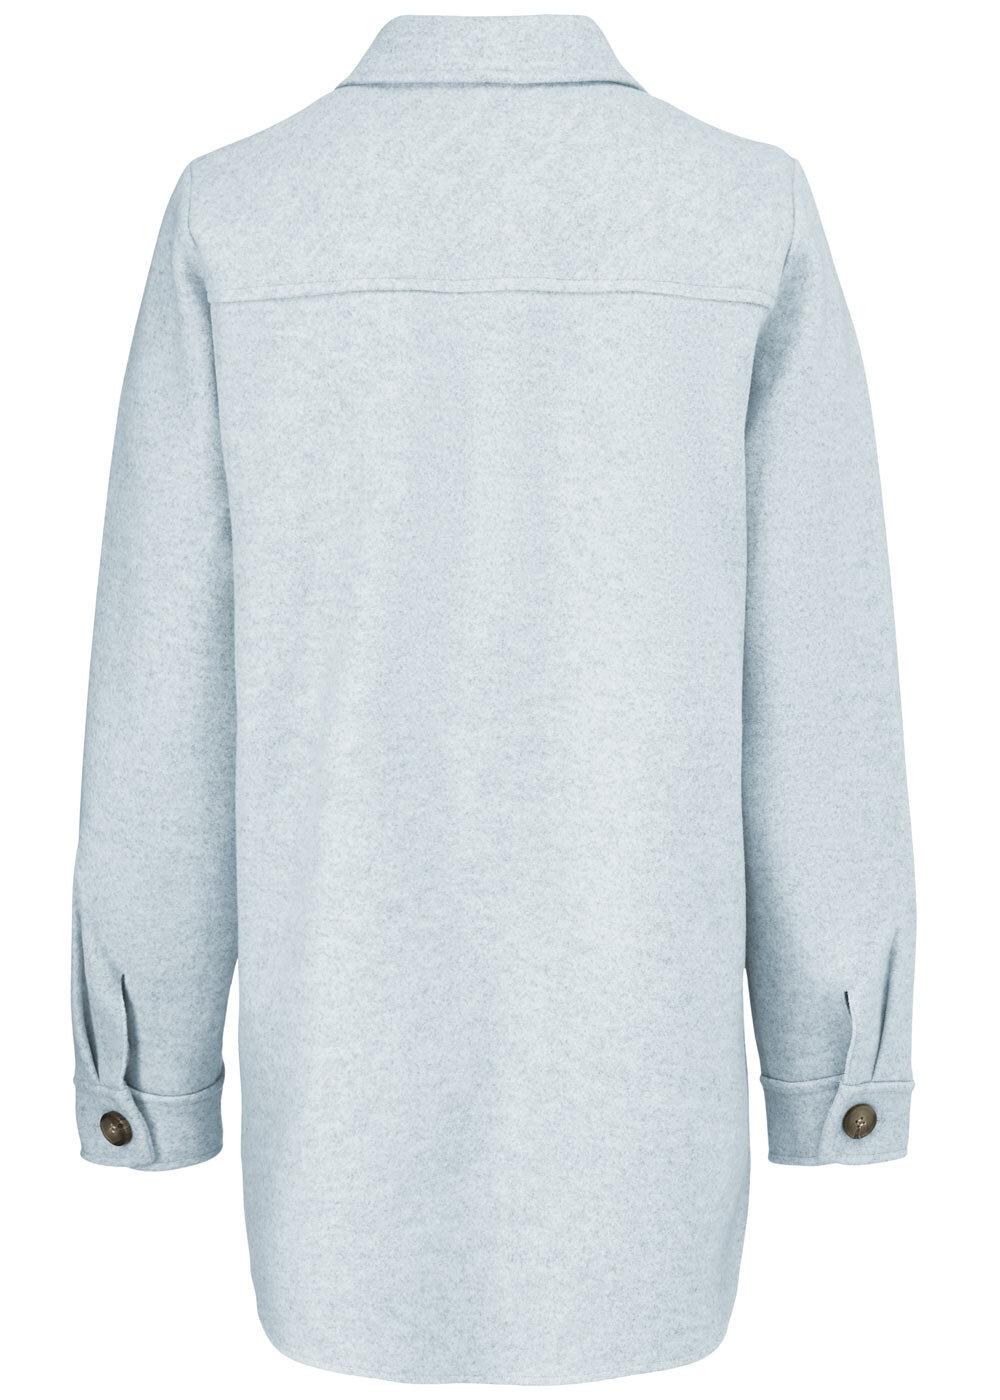 Modström Helga jakke, chambray blue, x-large